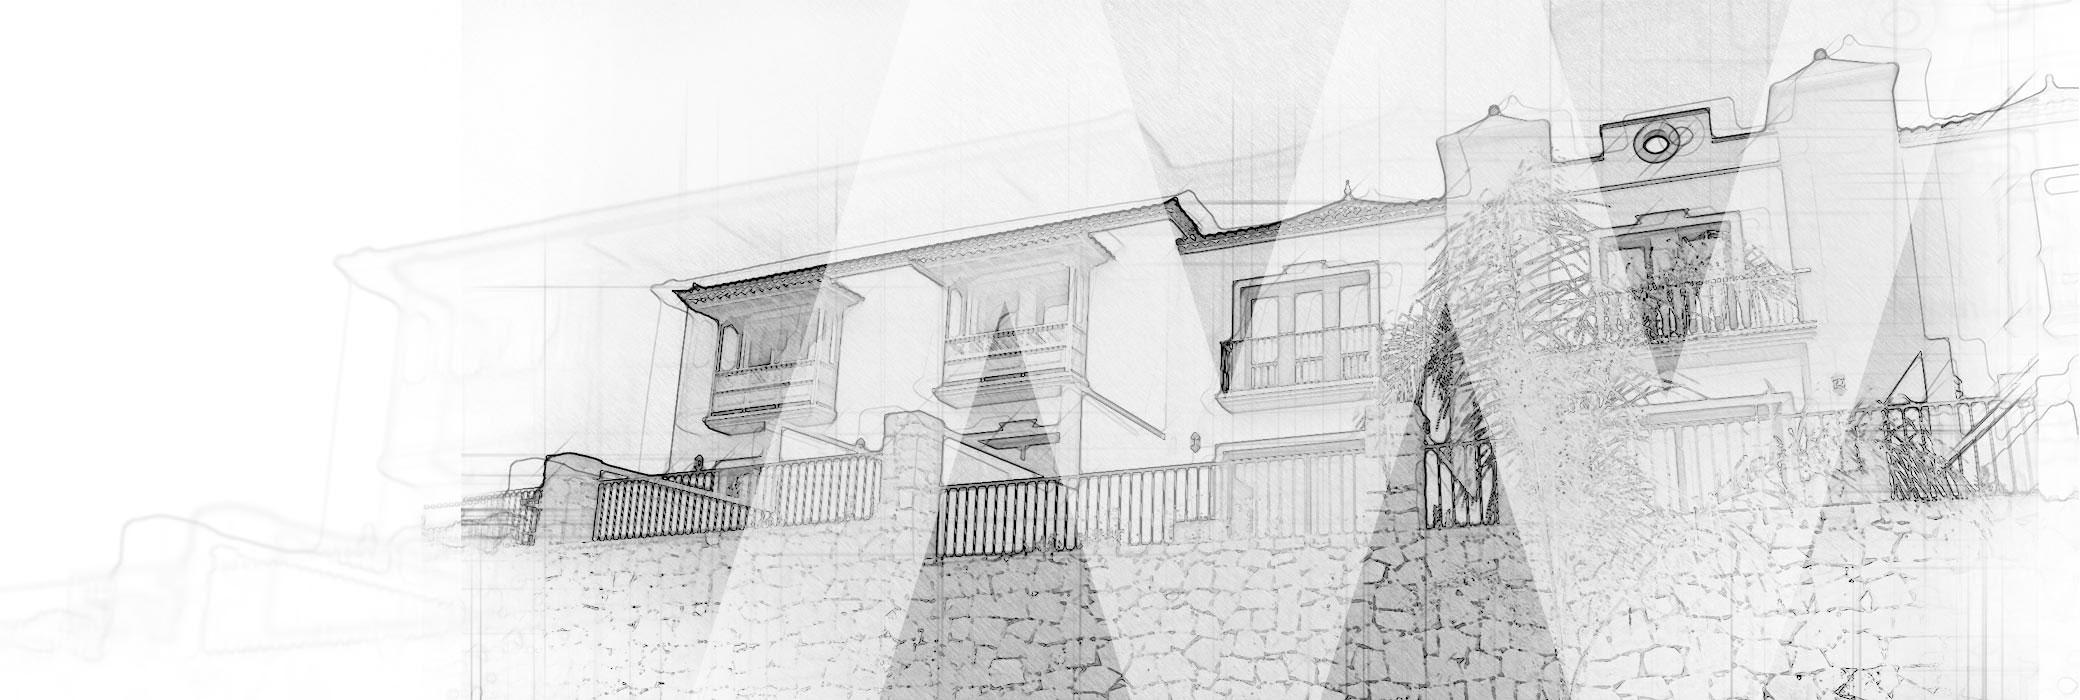 AMV-Construcciones-Obras-Reformas-Tenerife-Adosados-000-3